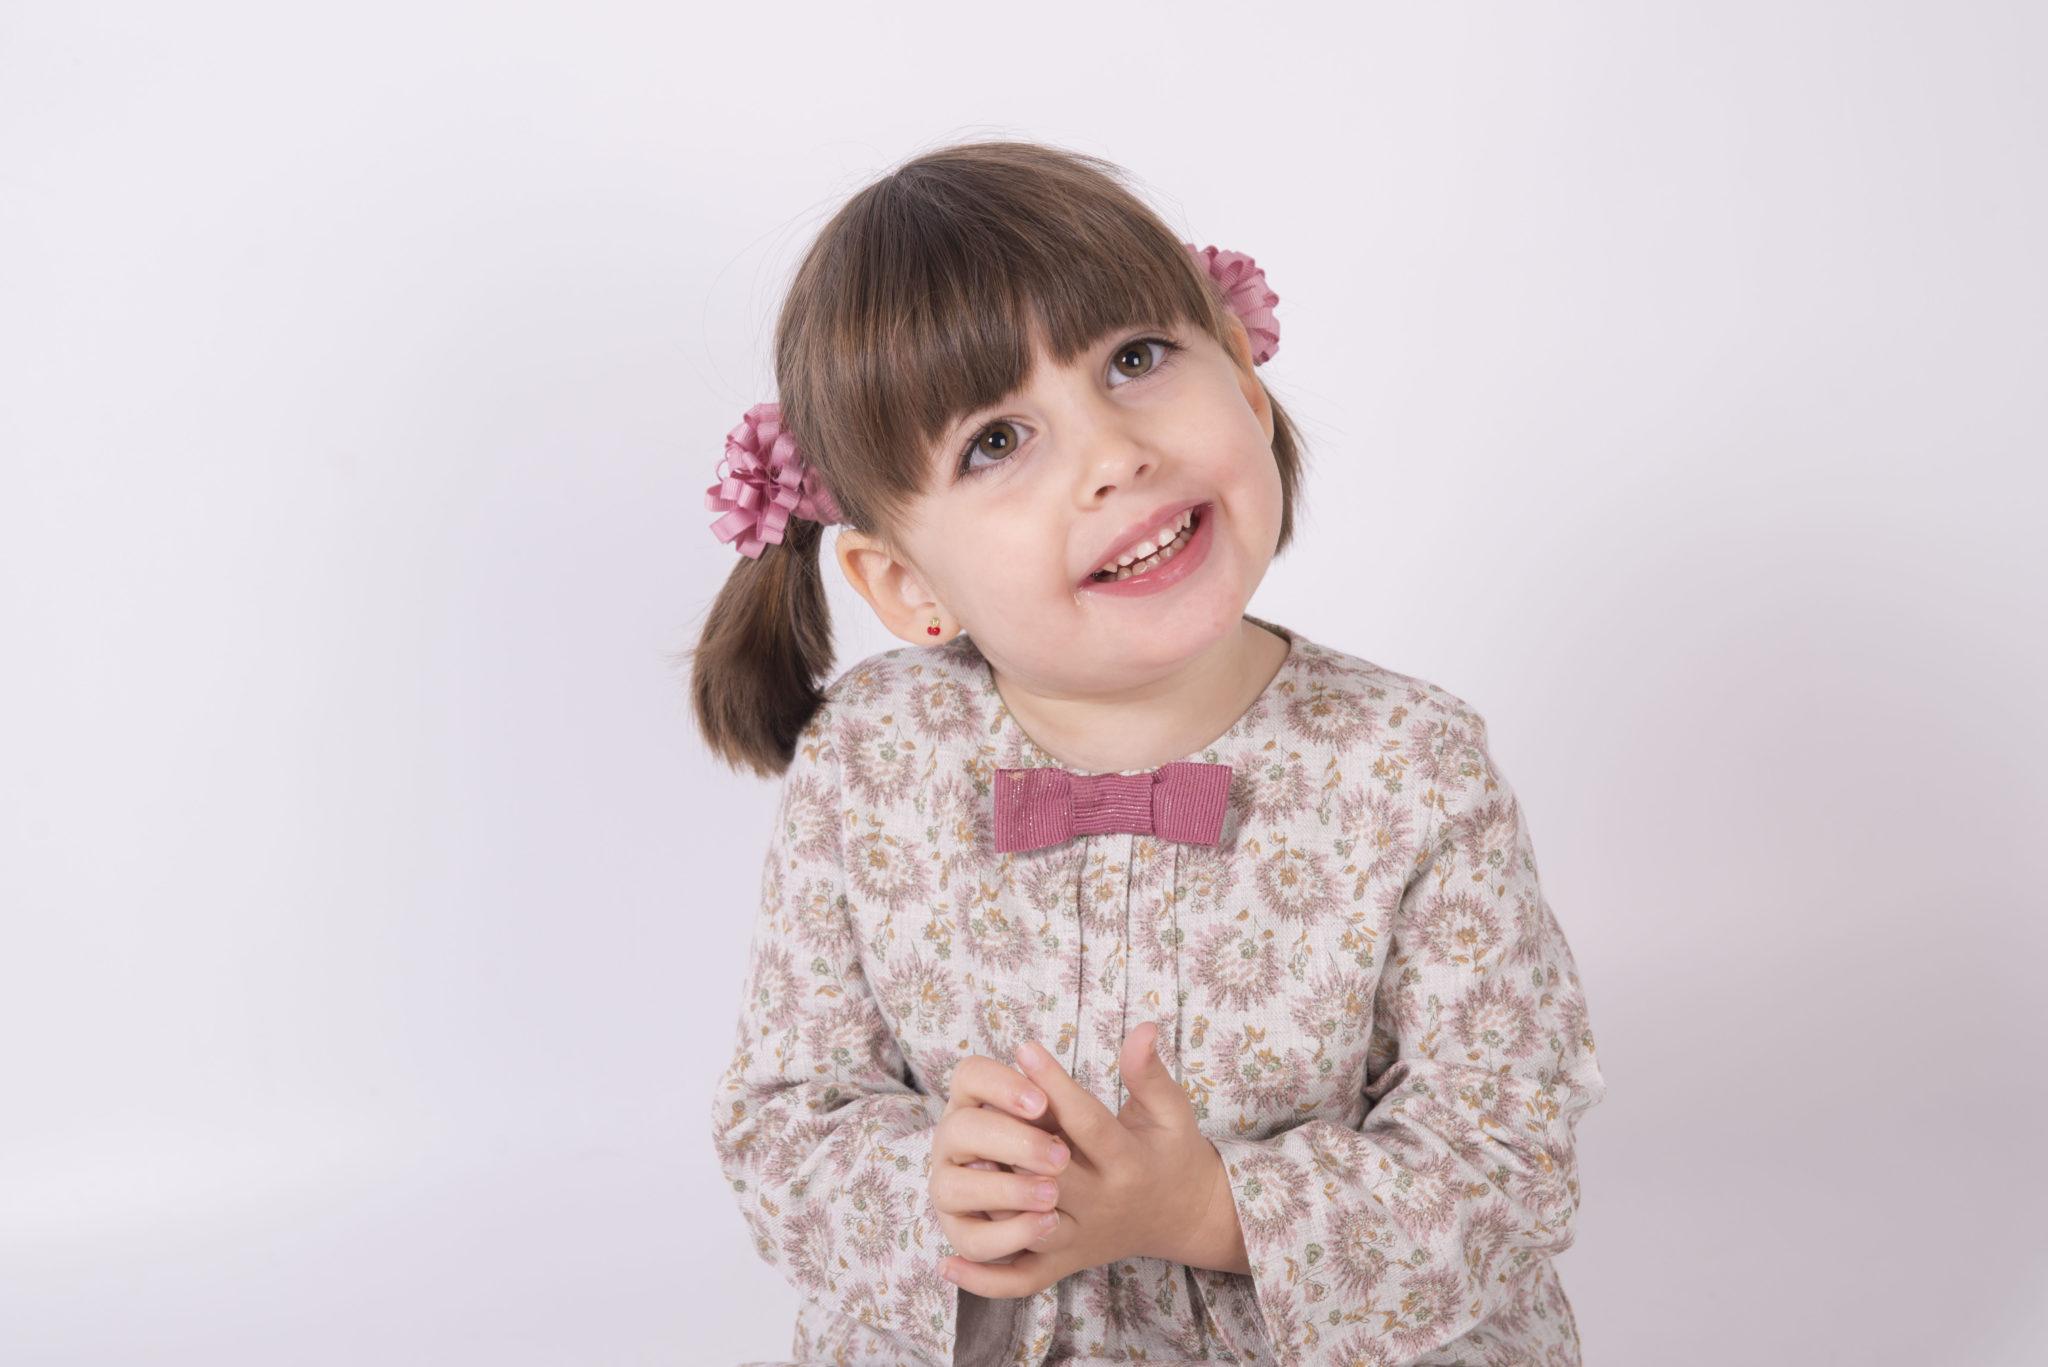 Naroa_Teaming emoción, fuerza, una niña con una lesión cerebral debido a una microcefalia